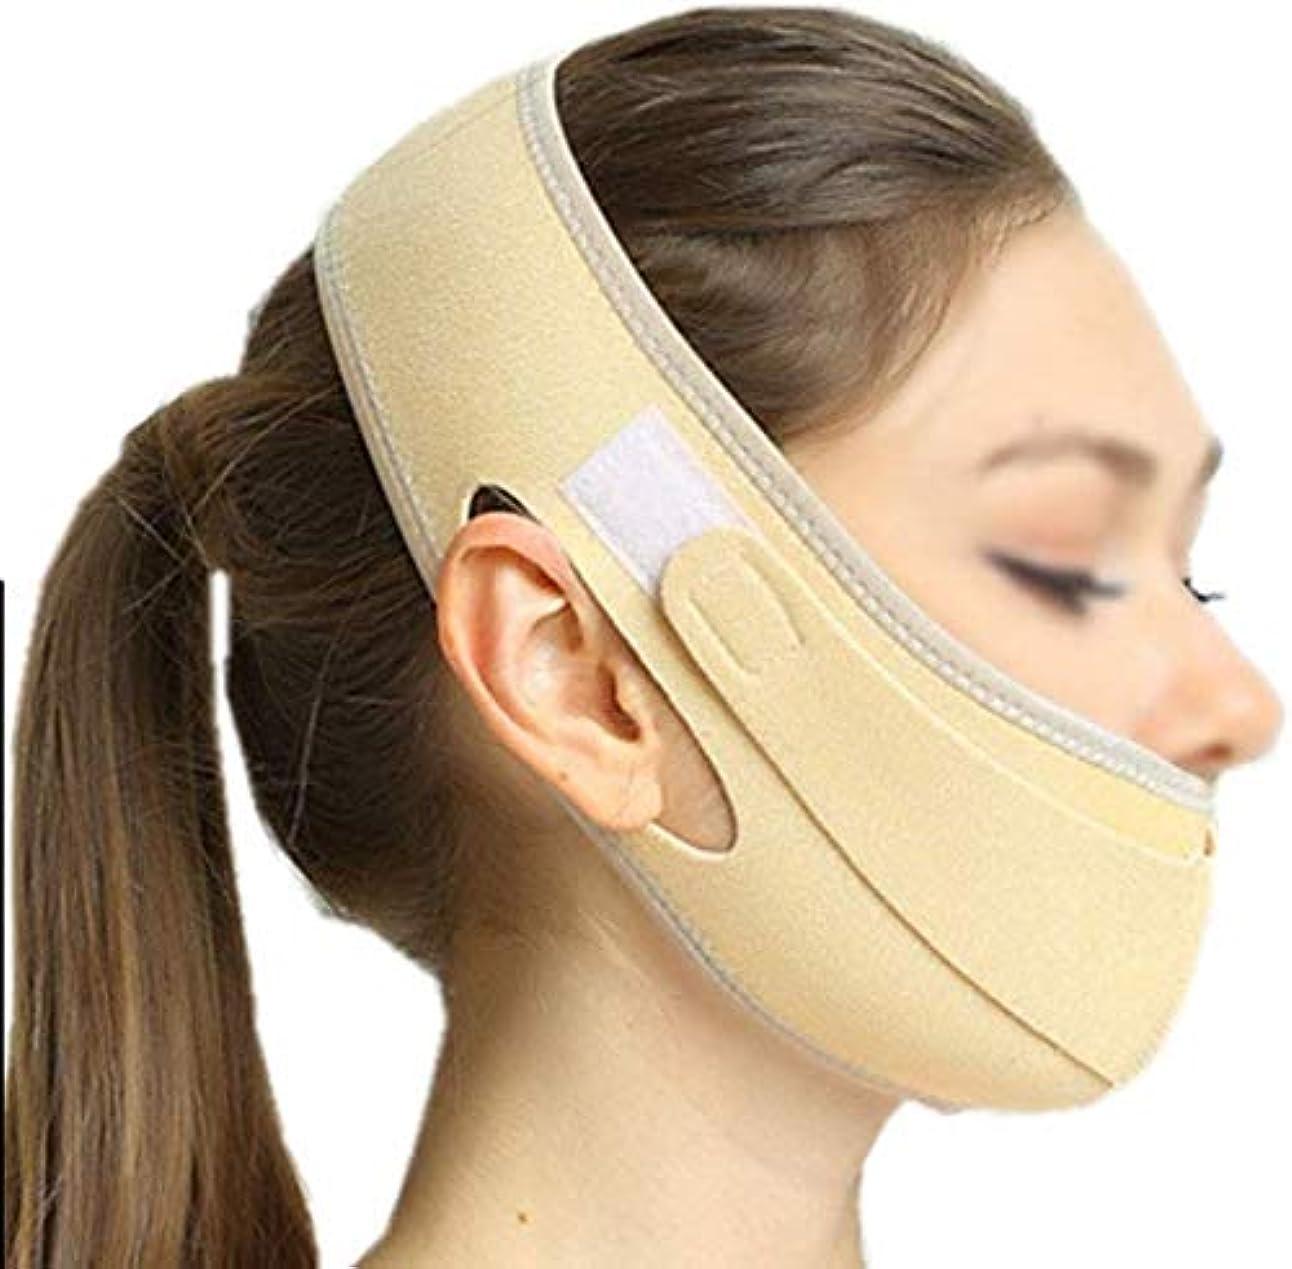 ミス音節薬局美容と実用的なフェイスリフトマスク、化粧品回復マスク、薄いダブルチンリフティングスキンで小さなVフェイスバンデージを作成